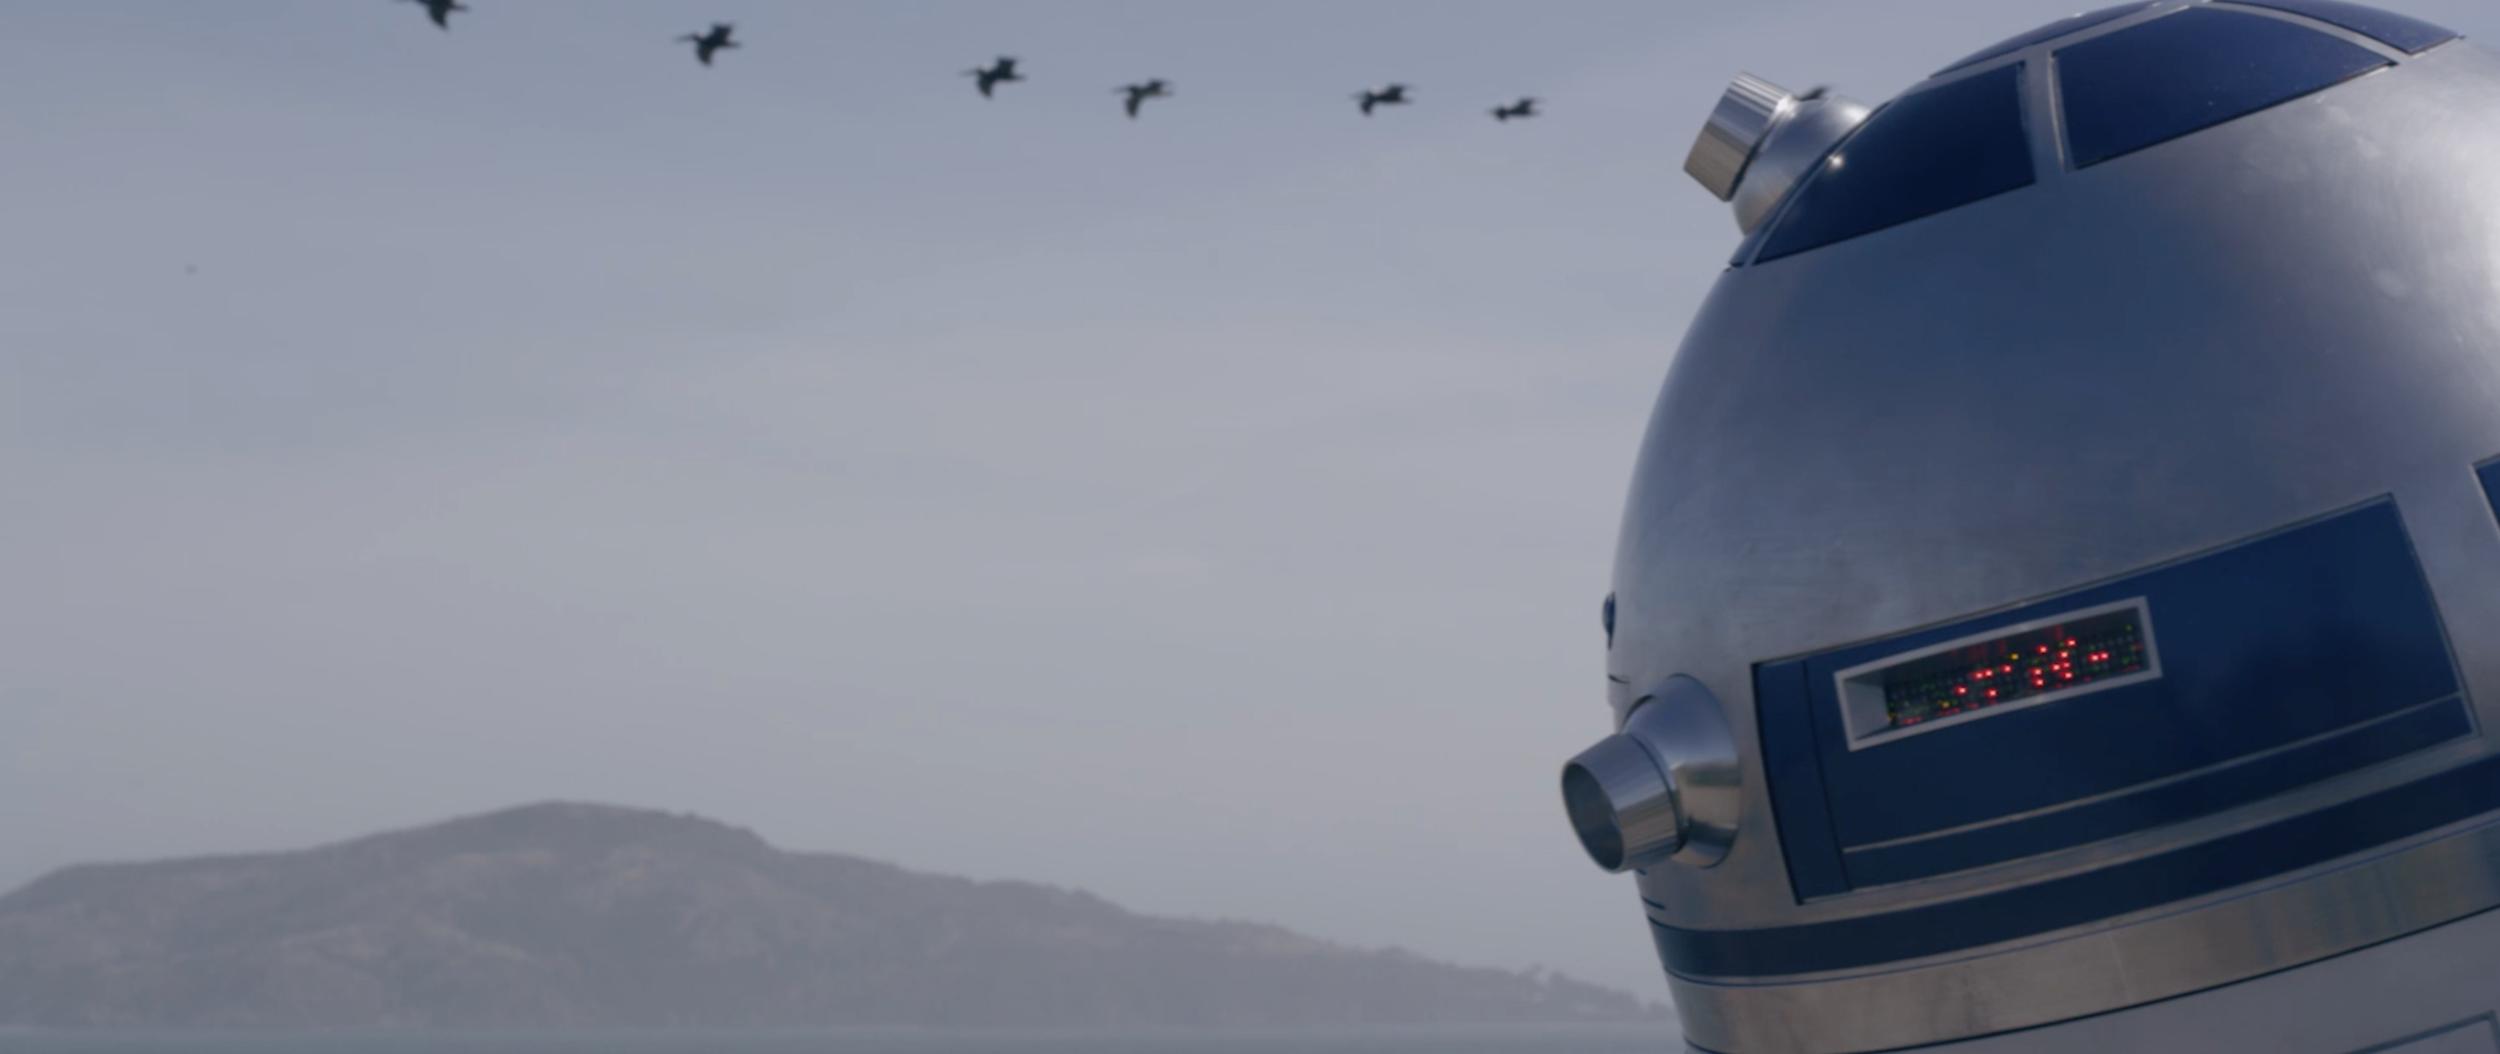 Artoo 3.png